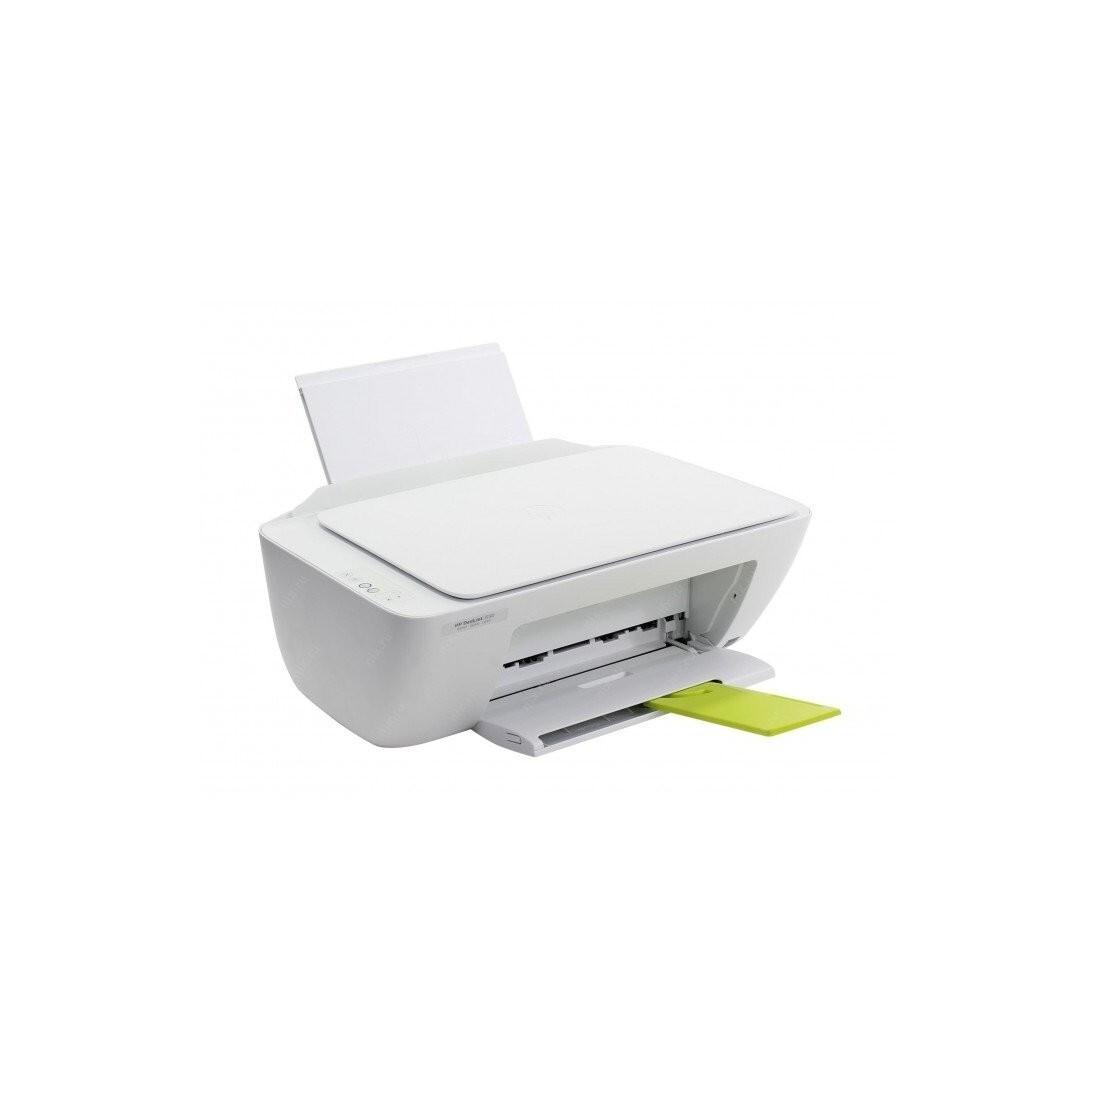 Imprimante HP deskjet 2320